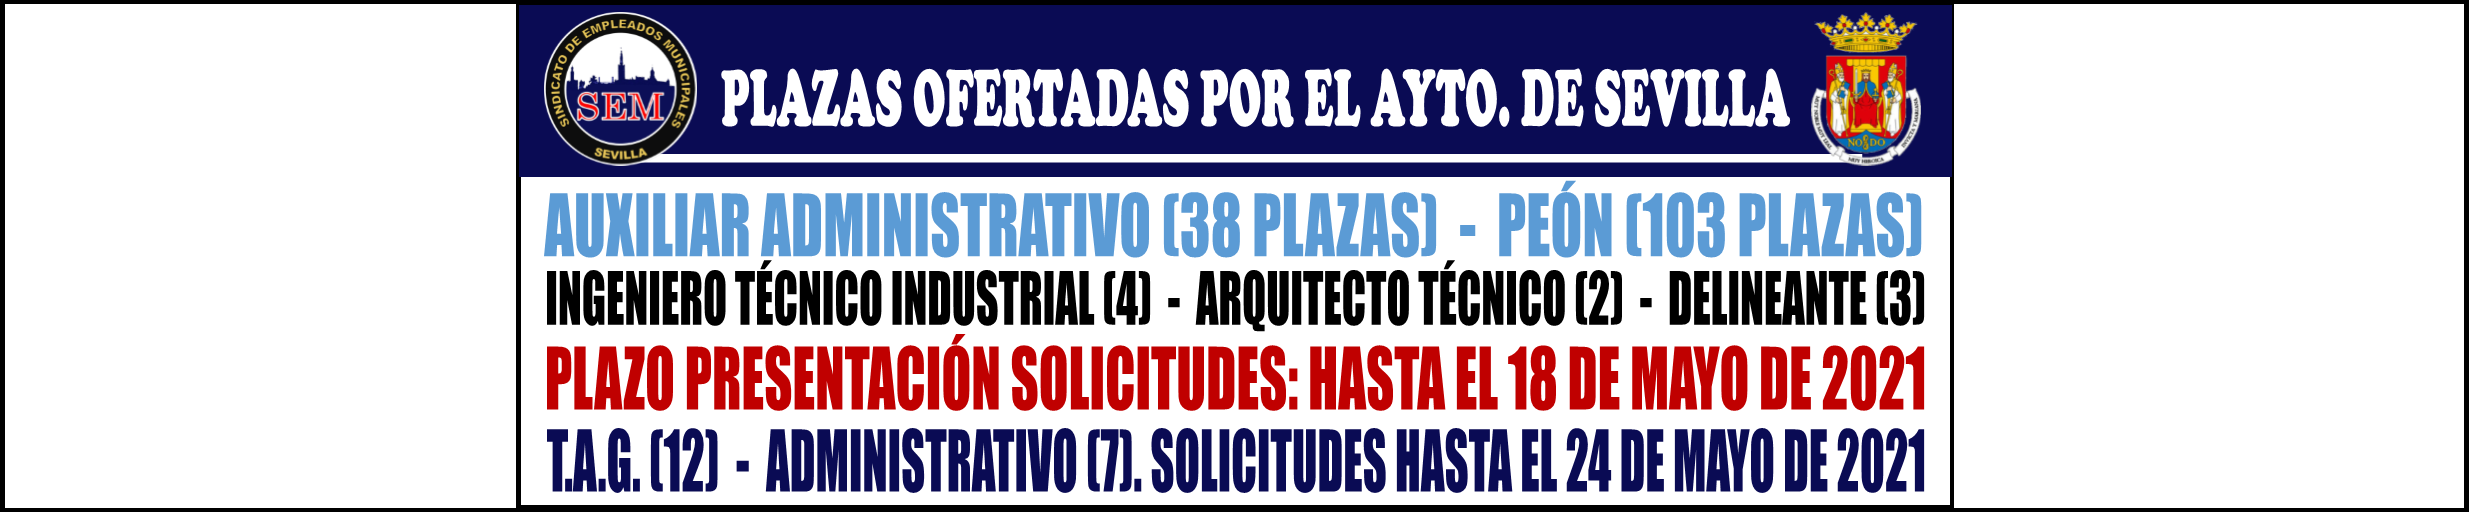 PLAZAS-Y-SOLICITUDES-1